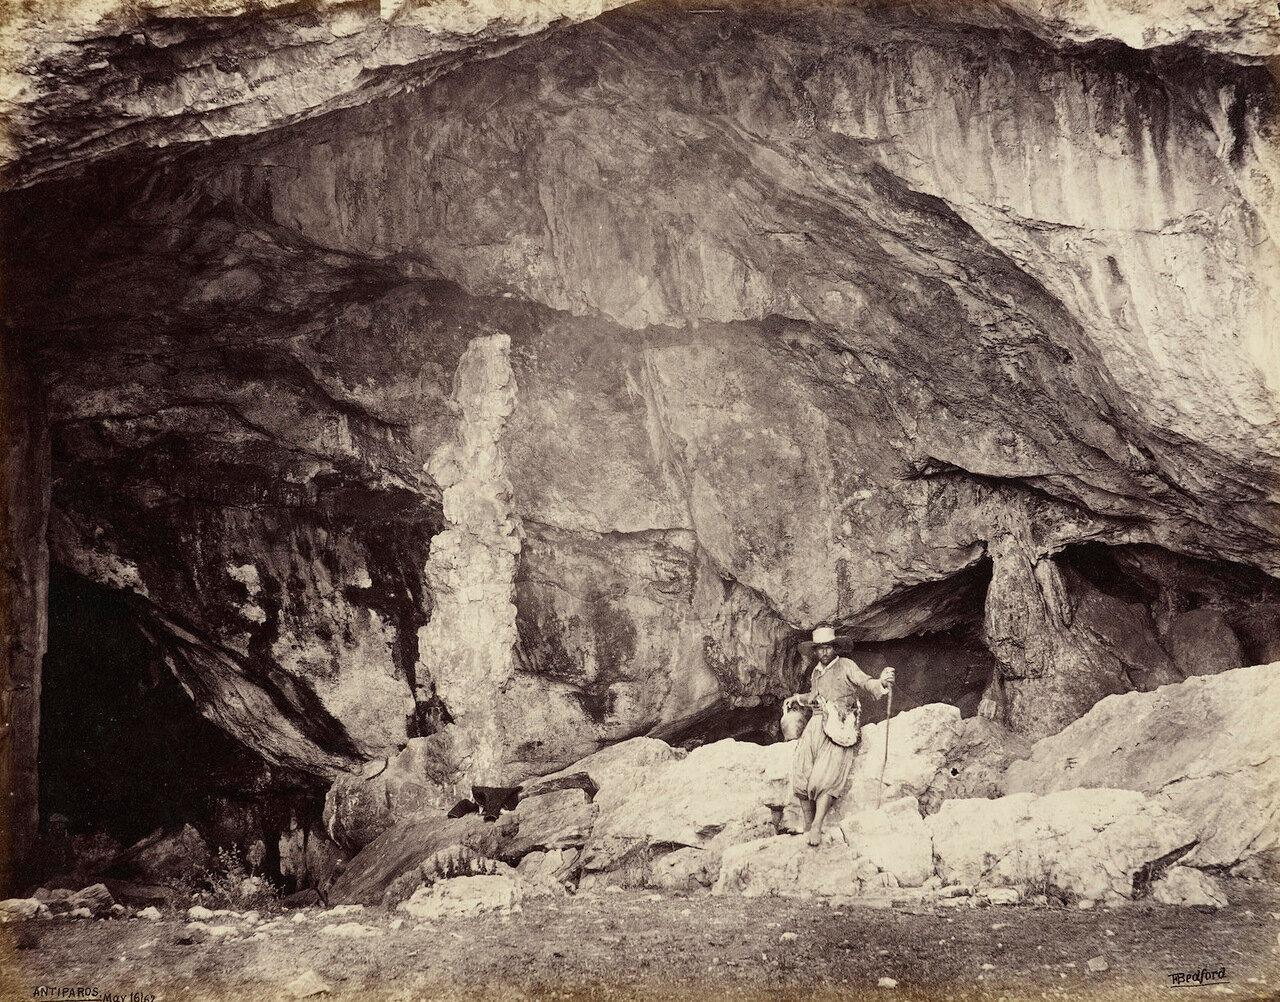 16 мая 1862. Вход в грот Антипарос